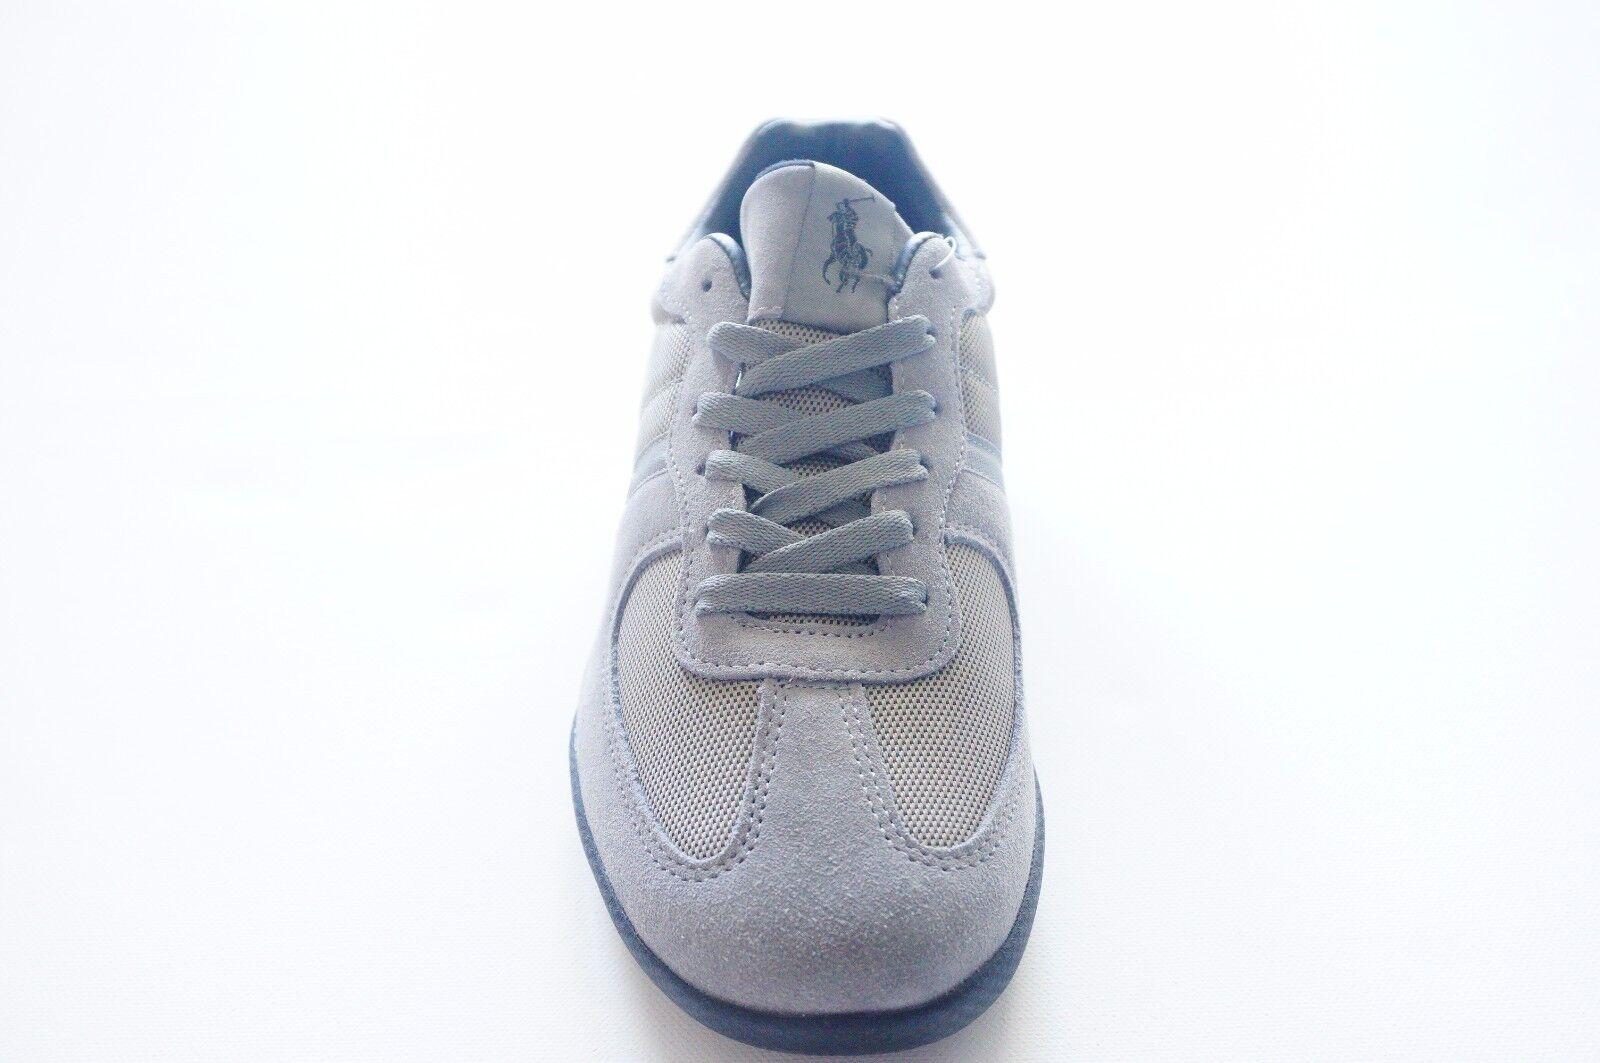 Ralph Lauren señores zapatillas, Ralph Lauren jacory zapatillas & zapatillas talla; 44